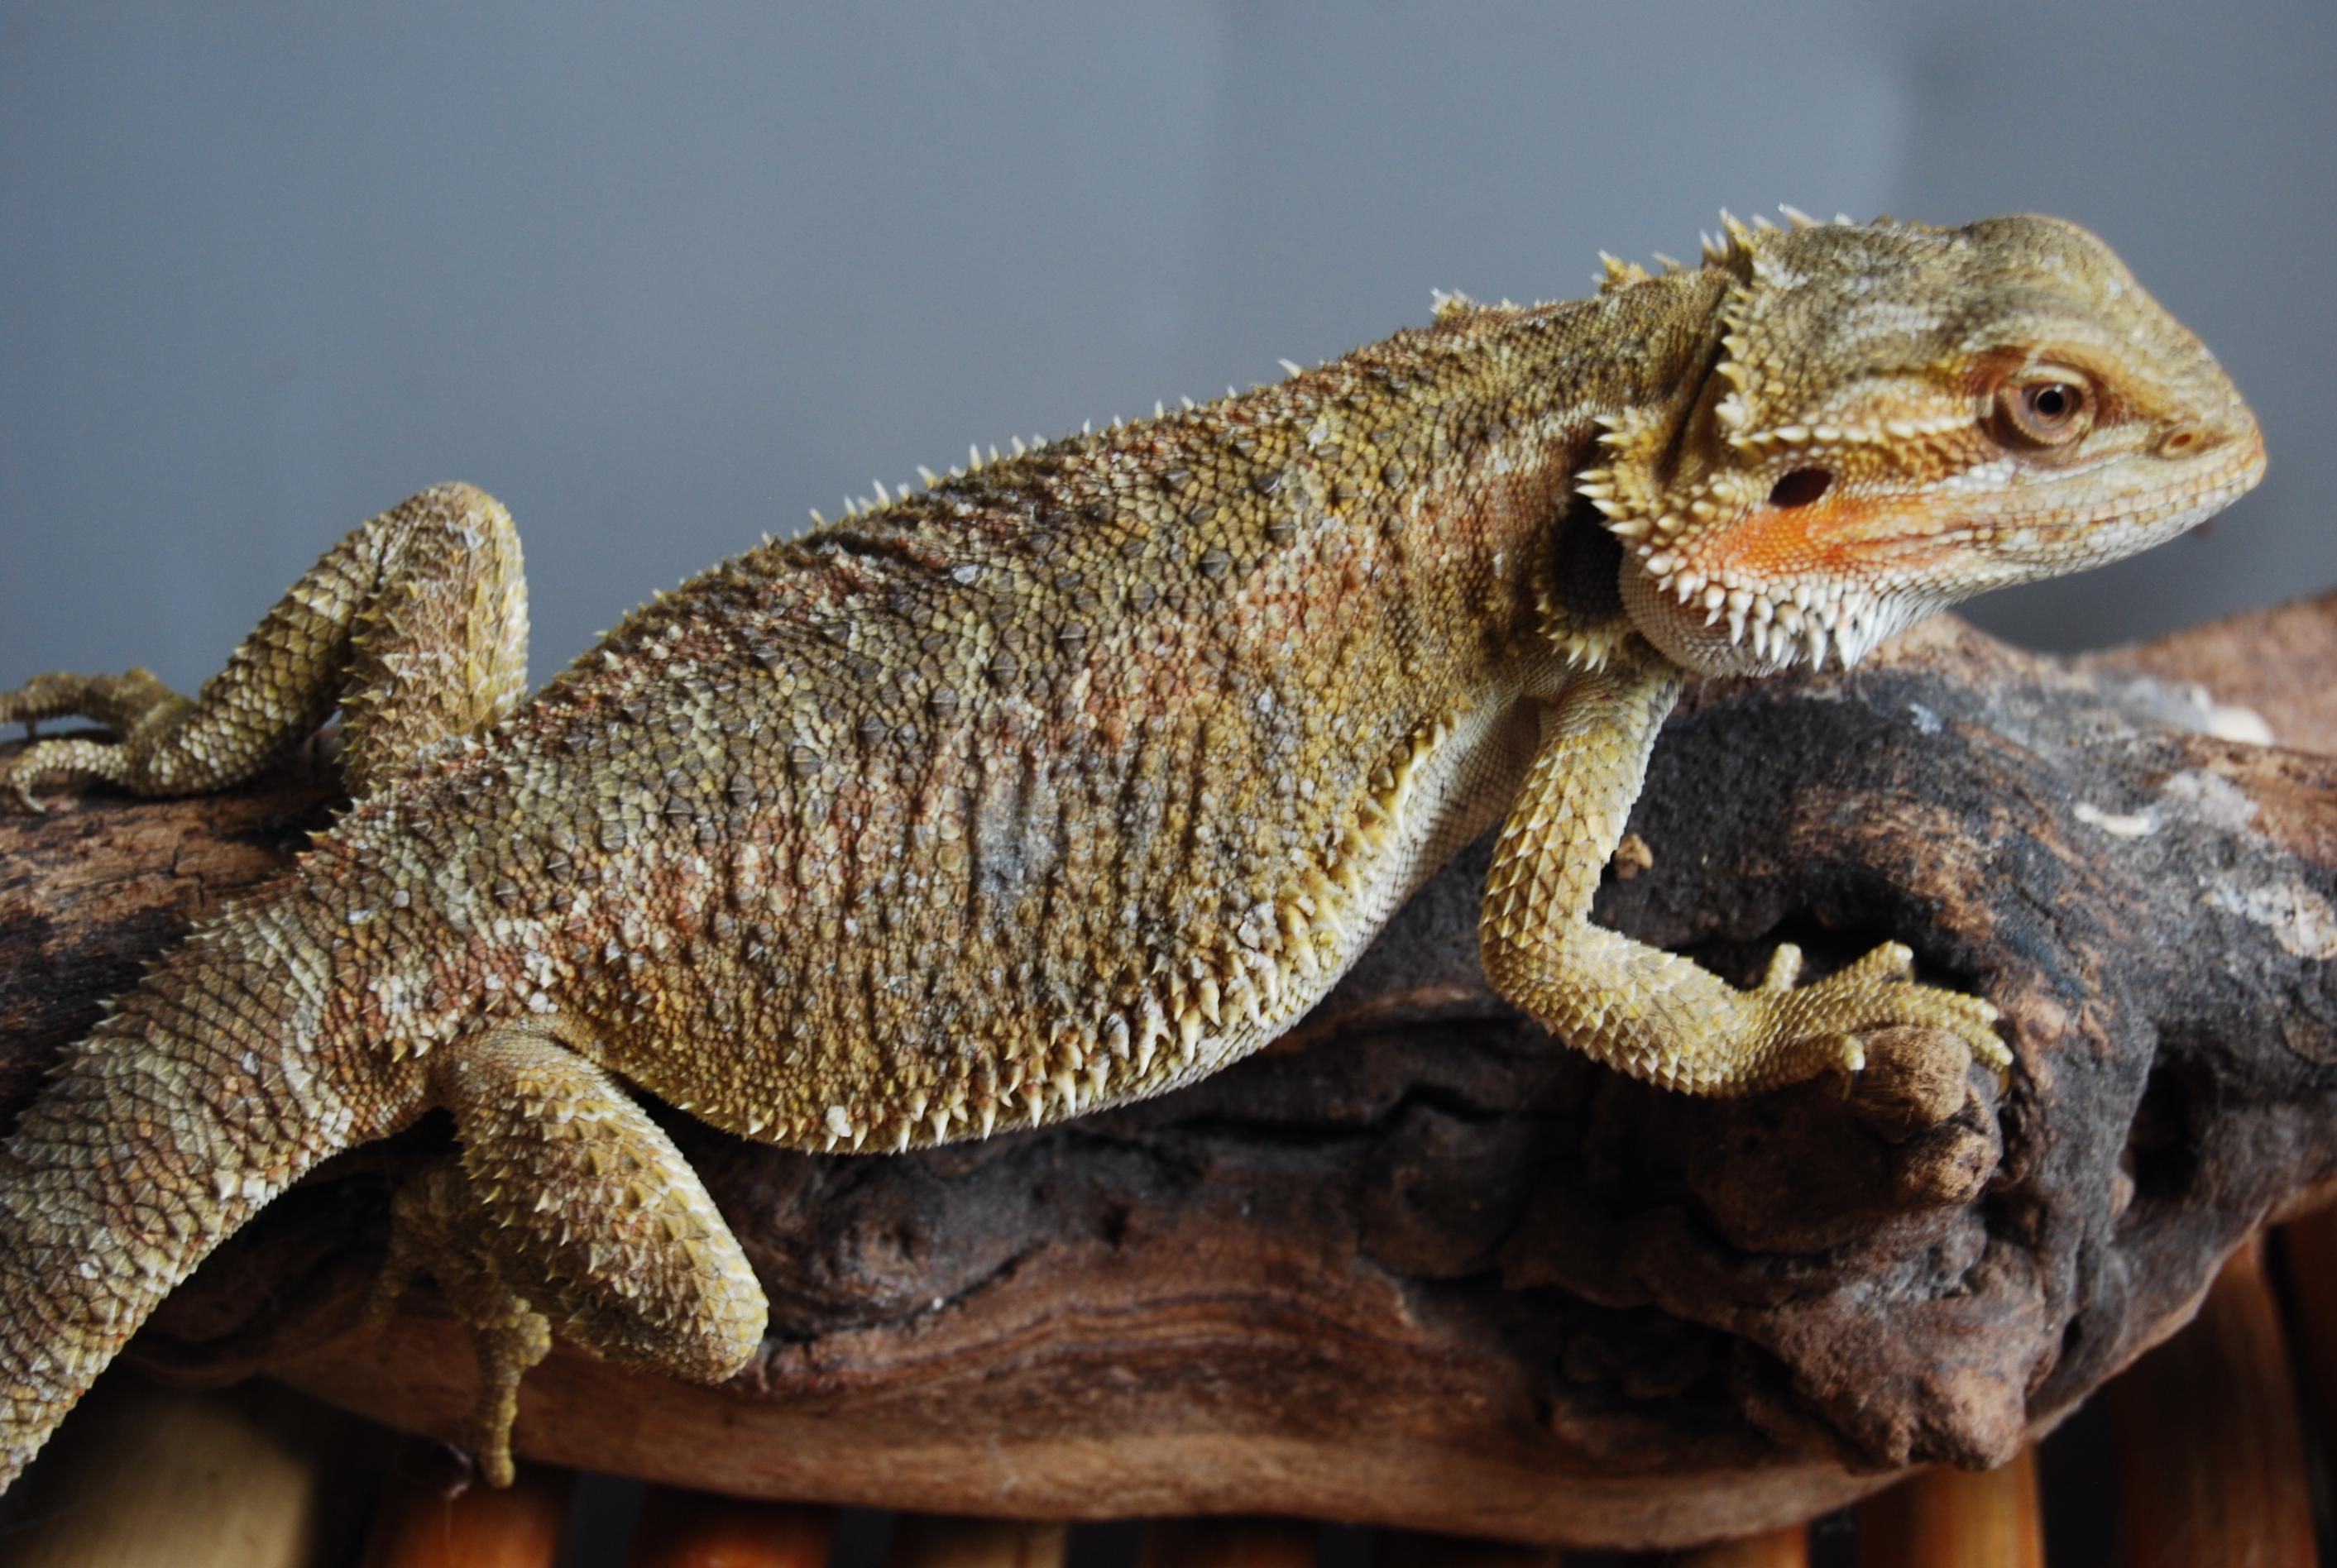 Reptiles Pets Australia Pictures of Pet Reptiles